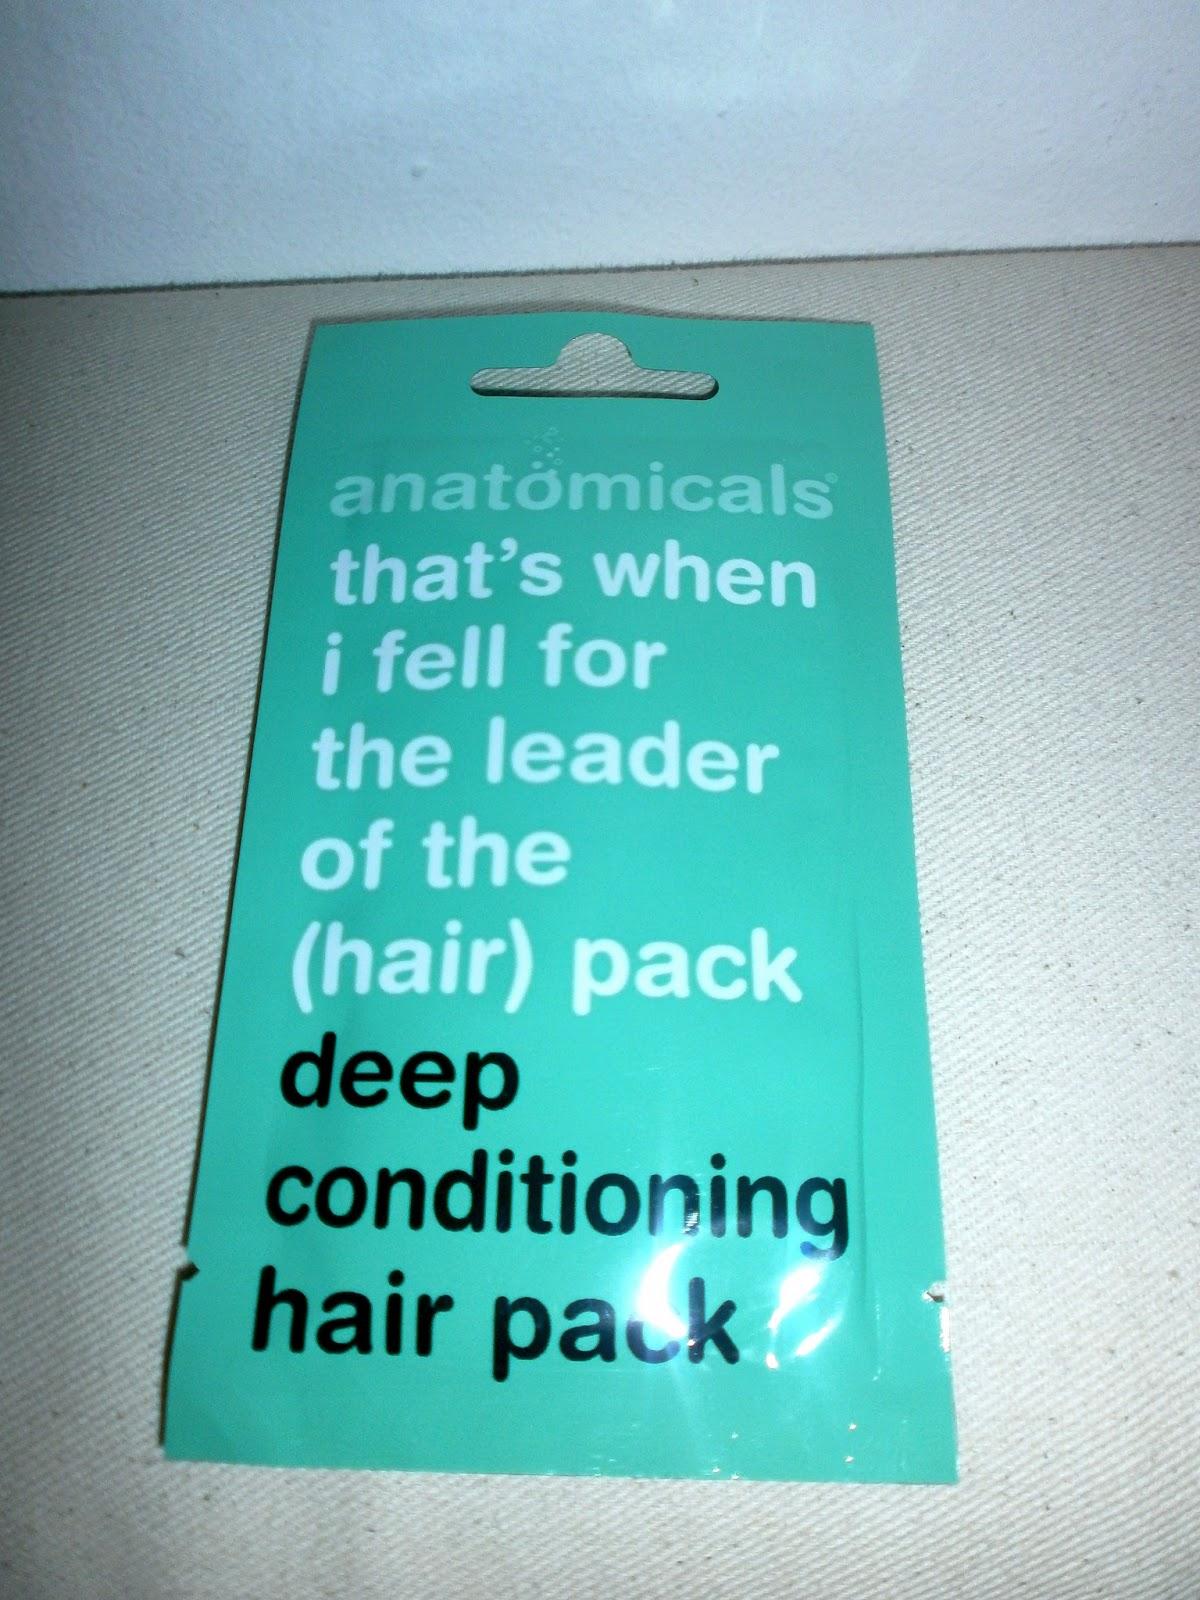 Vita chiaro abe shampoo di antiforfora contro risposte di perdita di capelli